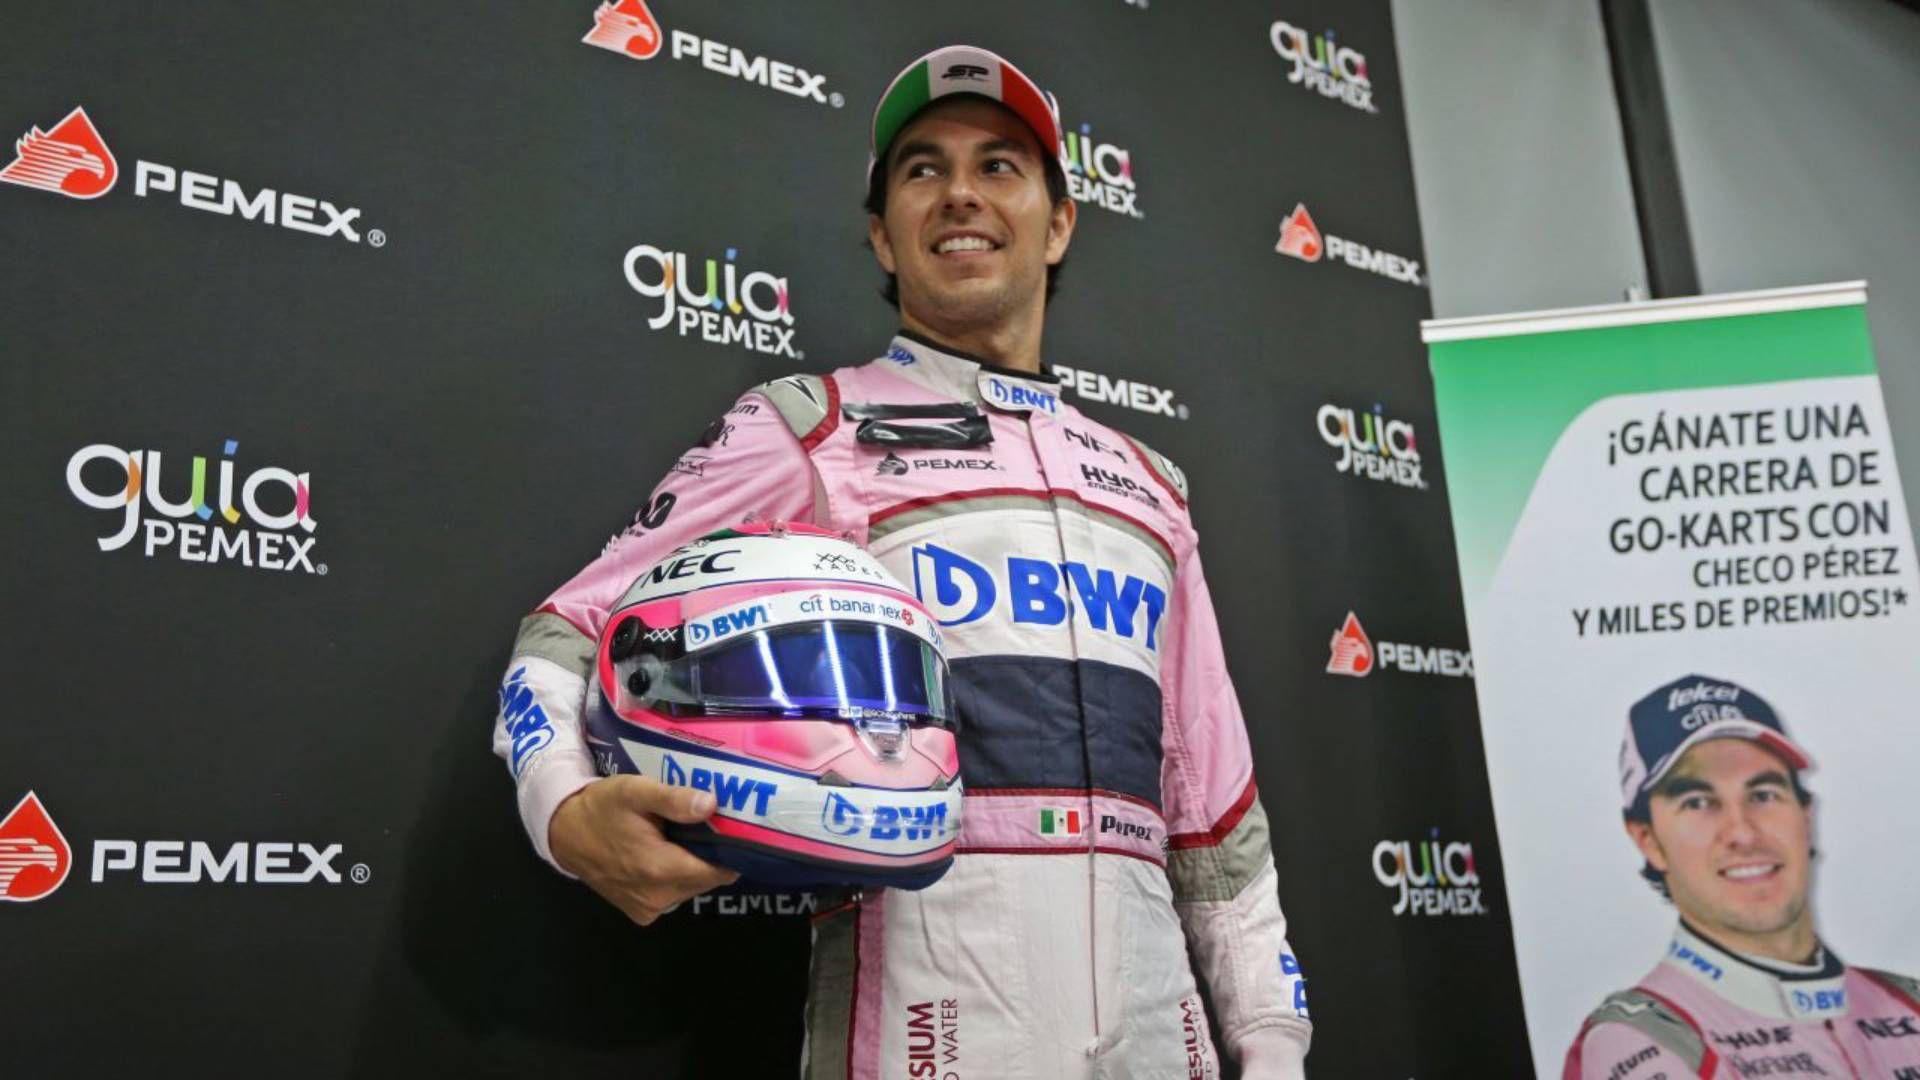 Checo Pérez es una de las nueve estrellas de la Fórmula 1 que aparecerán en la portada de un videojuego (Foto: Cuartoscuro)